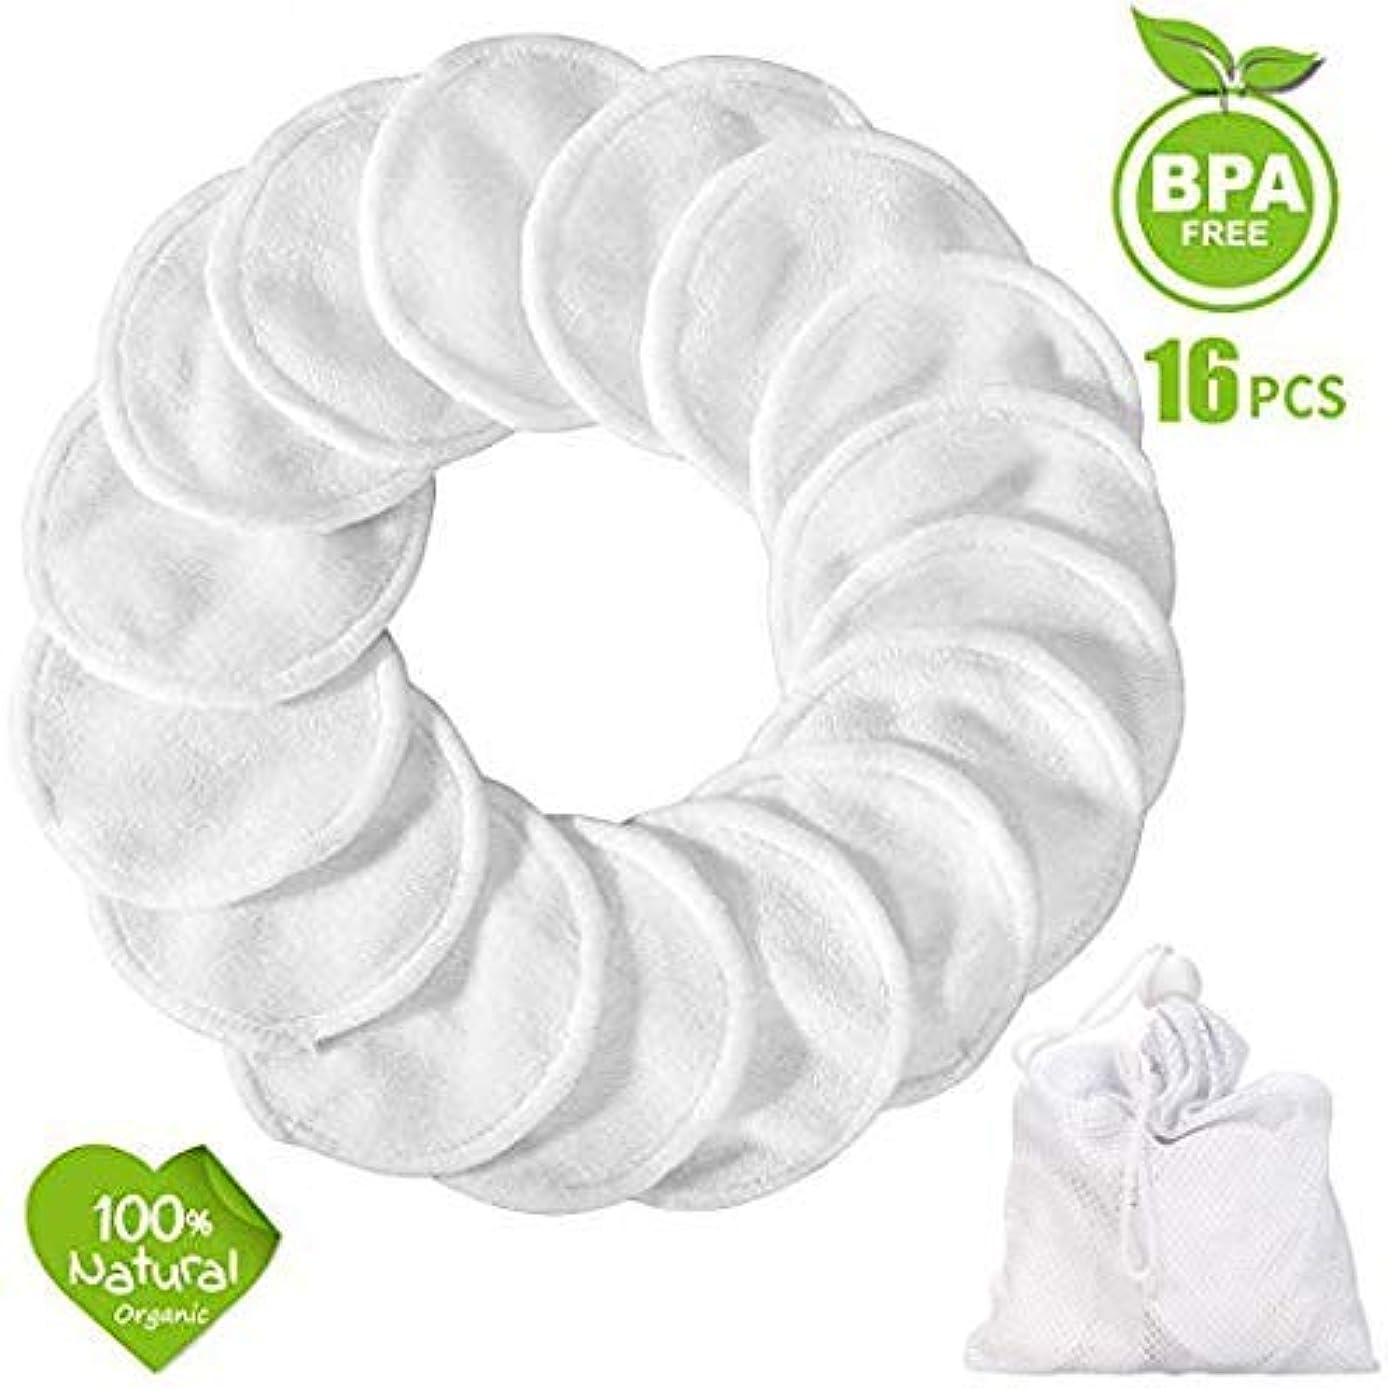 カタログ副詞サラダメイク落とし再使用可能な構造の除去剤のパッド16のパック、洗濯袋が付いている洗濯できるタケ綿パッド